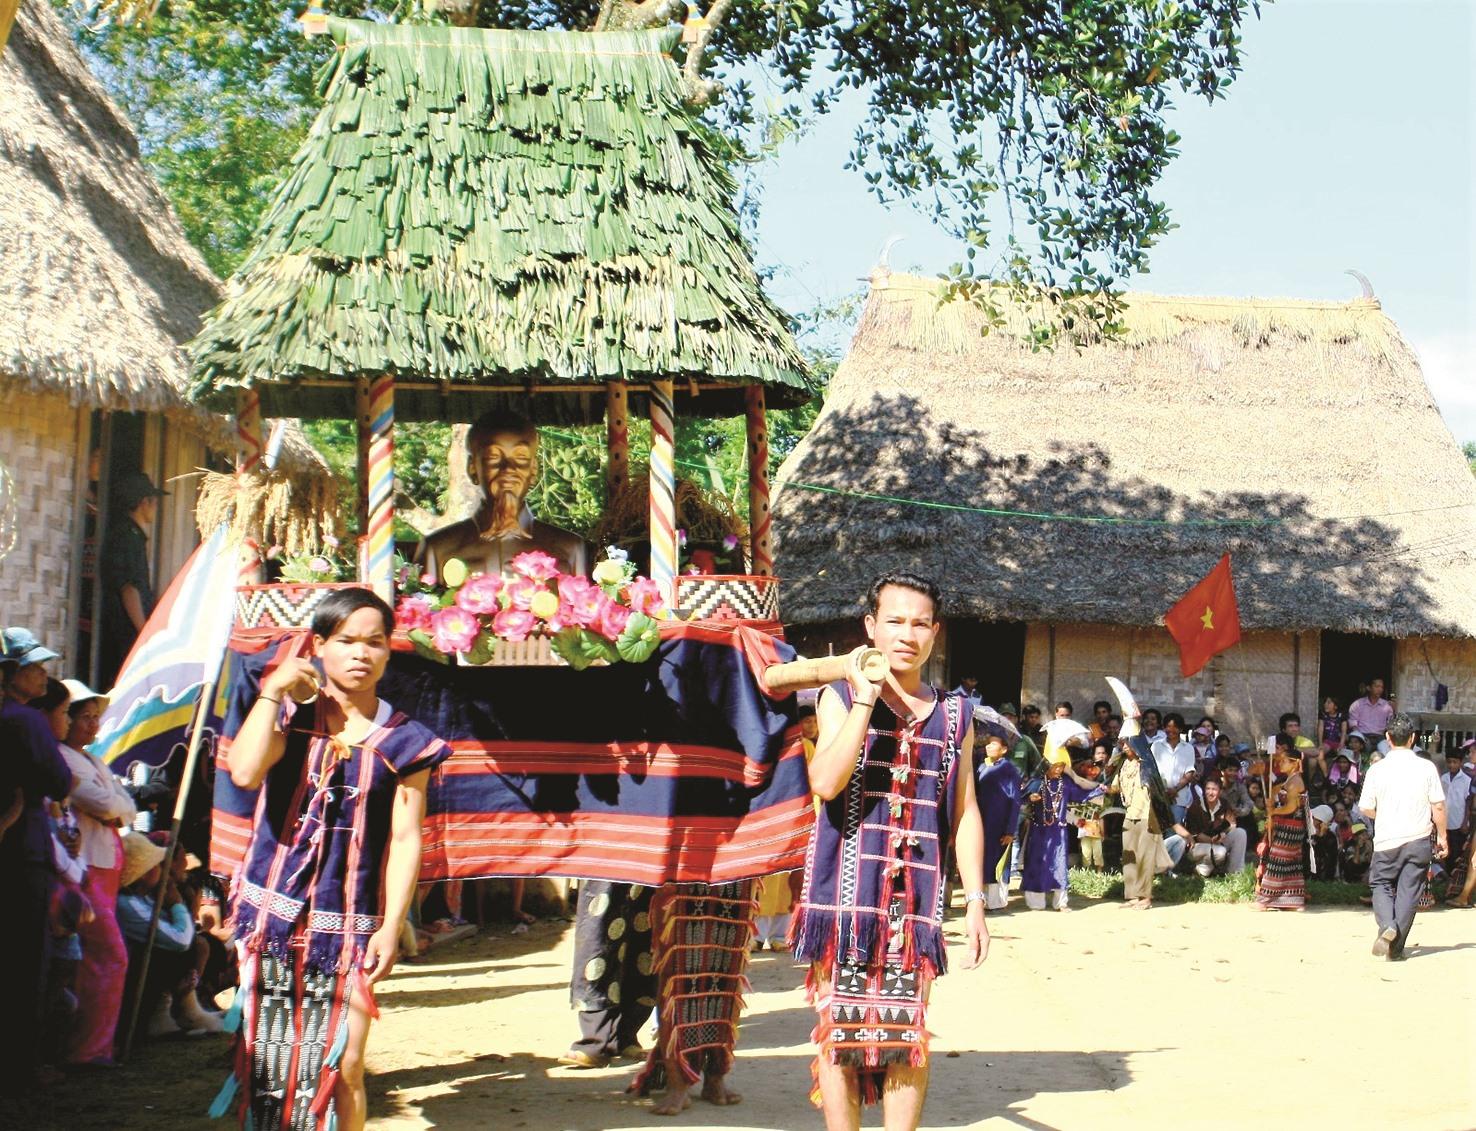 Đồng bào Cơ Tu ở xã Sông Kôn (Đông Giang) rước tượng Bác trong ngày hội truyền thống những năm trước. Ảnh: ALĂNG NGƯỚC